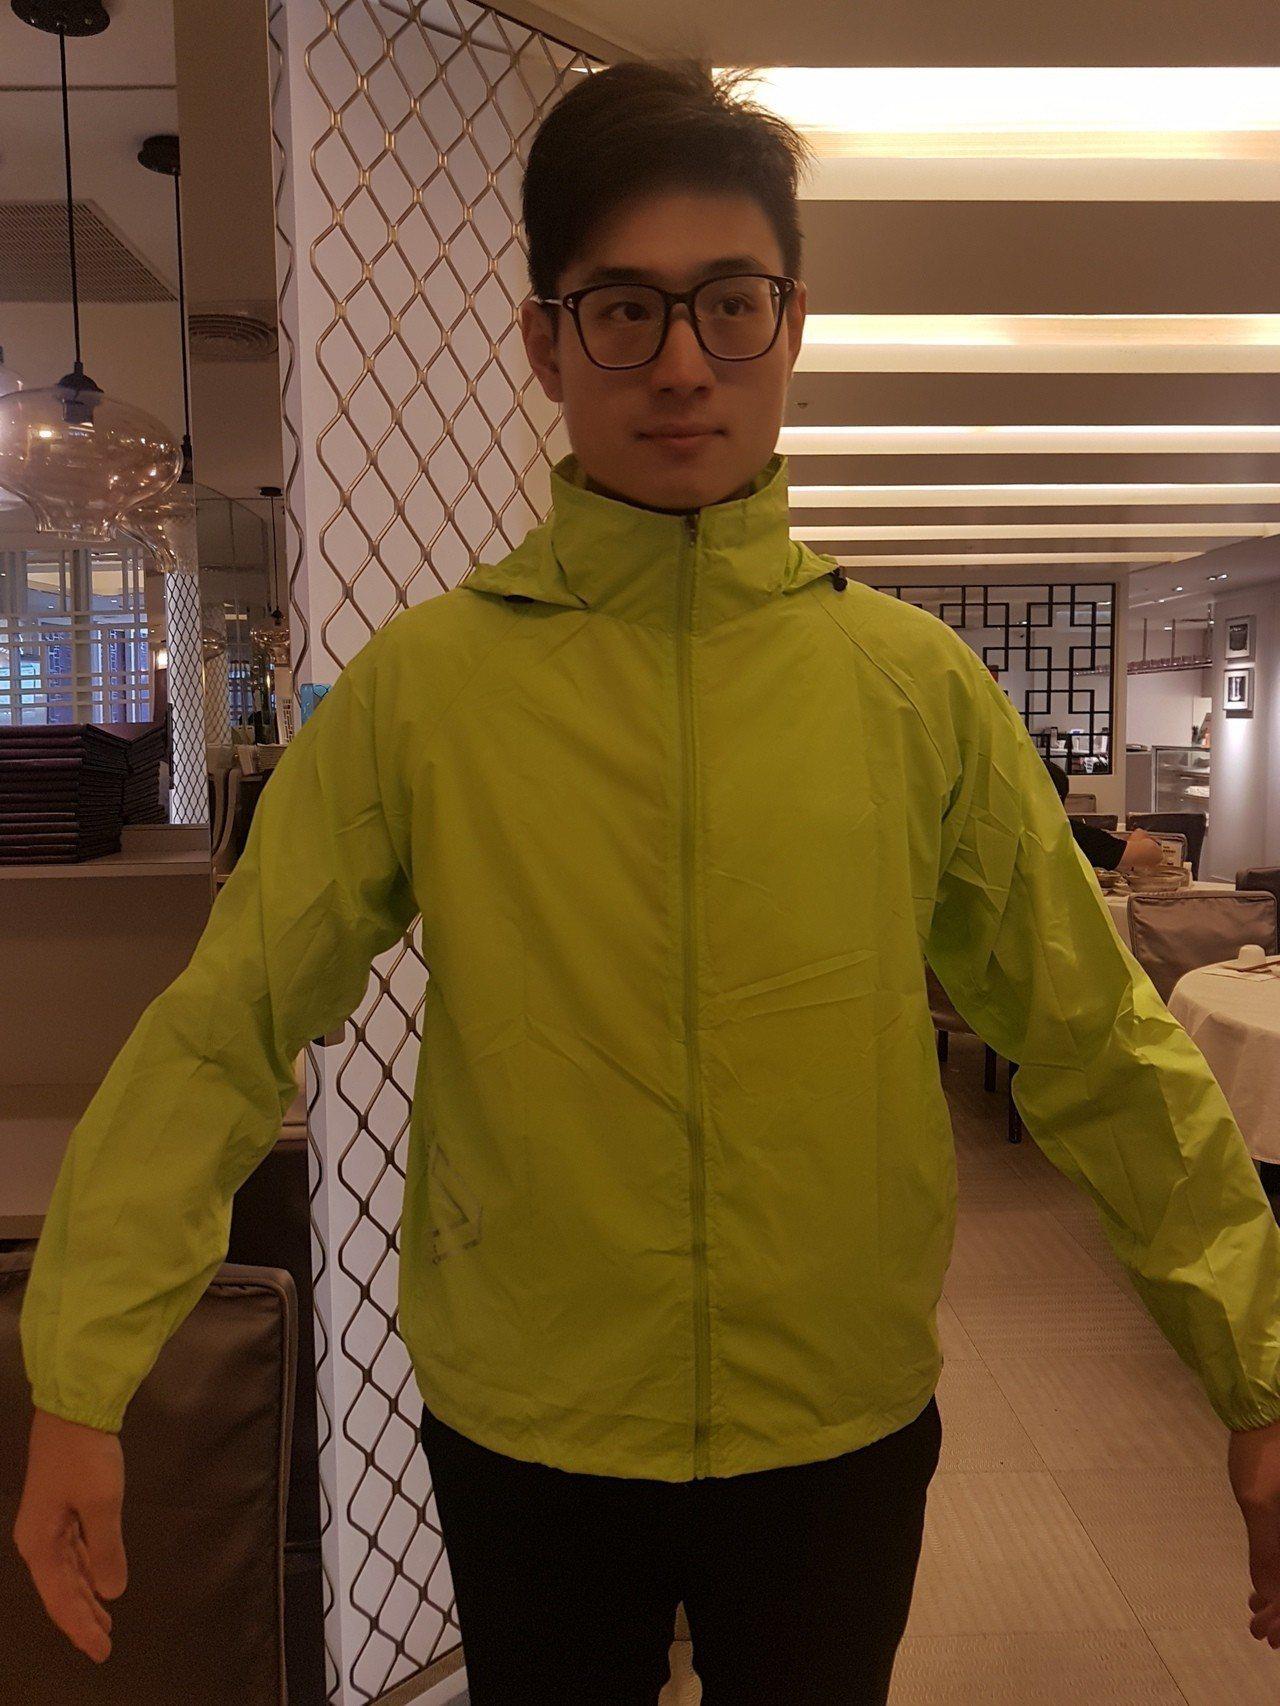 新光人壽提供登高大賽參賽者一件防雨防風的黃綠色透氣外套。記者孫中英/攝影